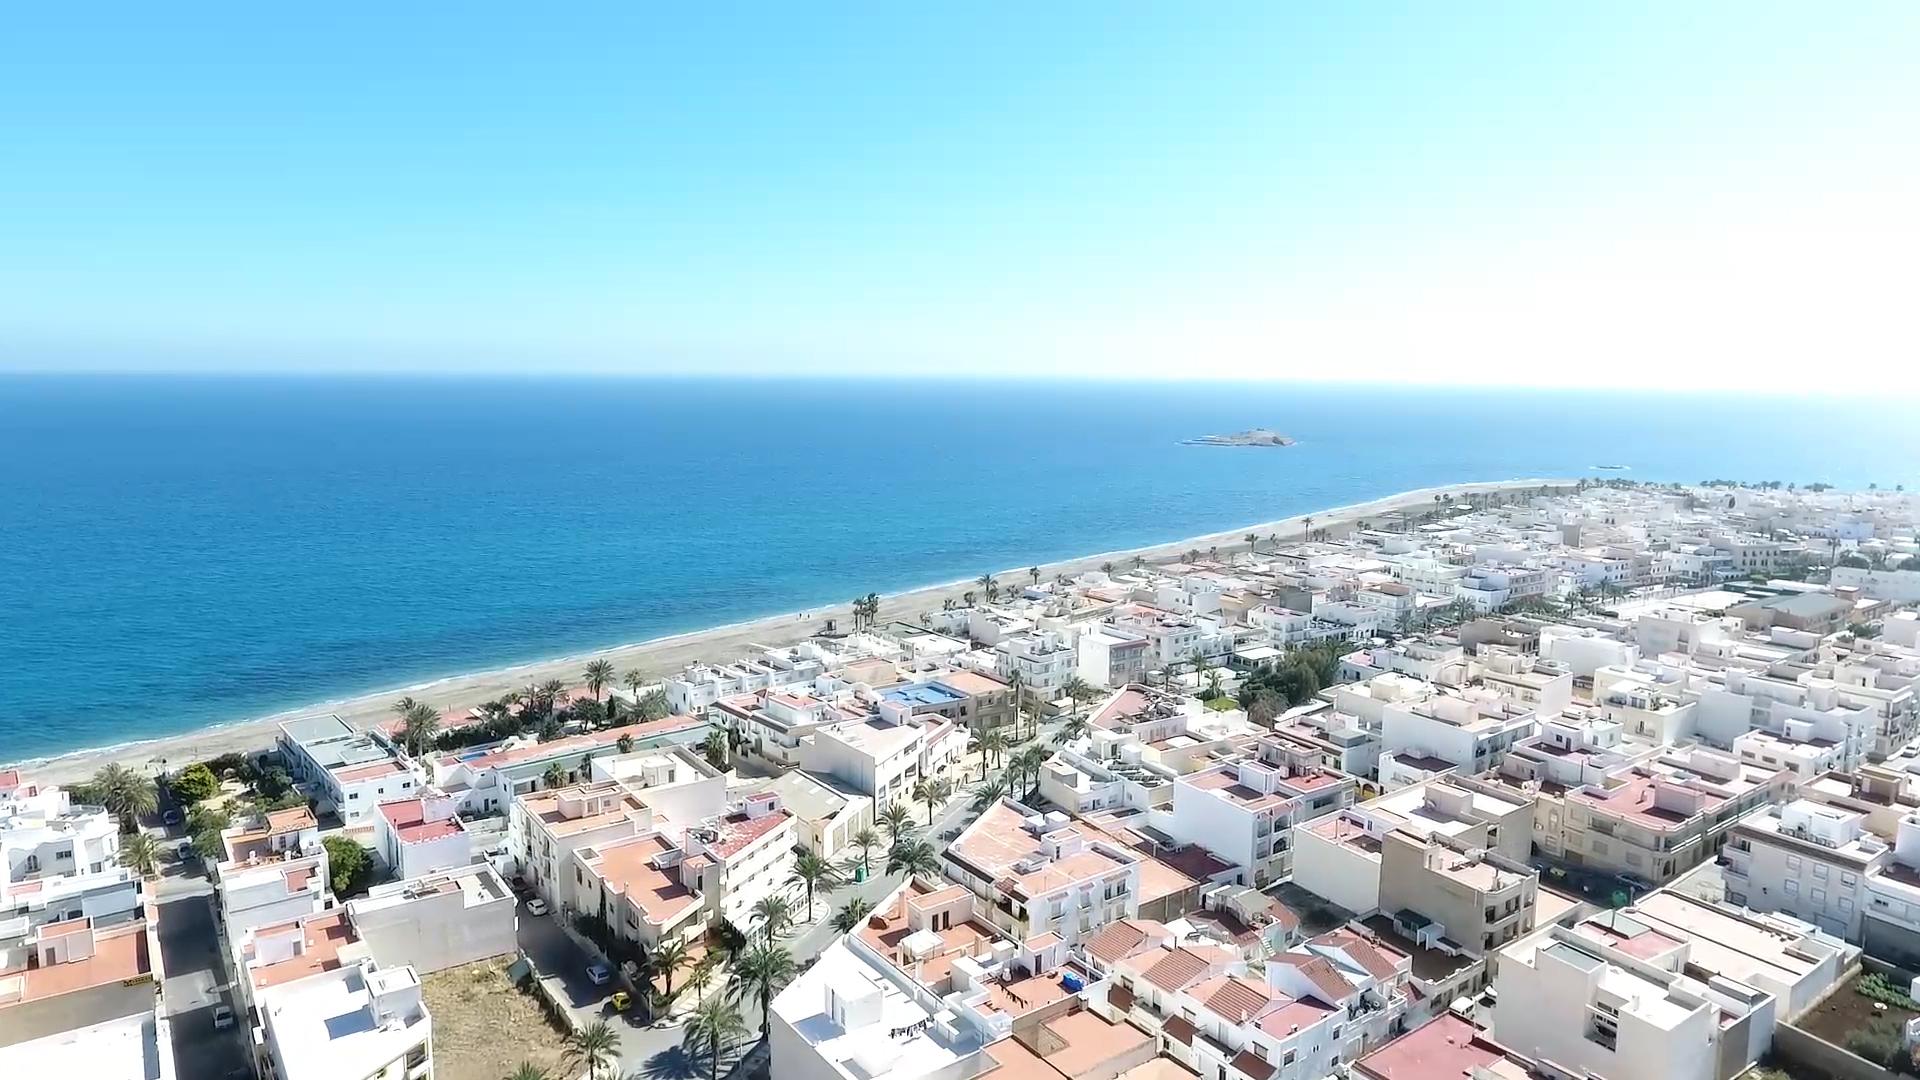 Carboneras fotografía aérea, Siente Carboneras